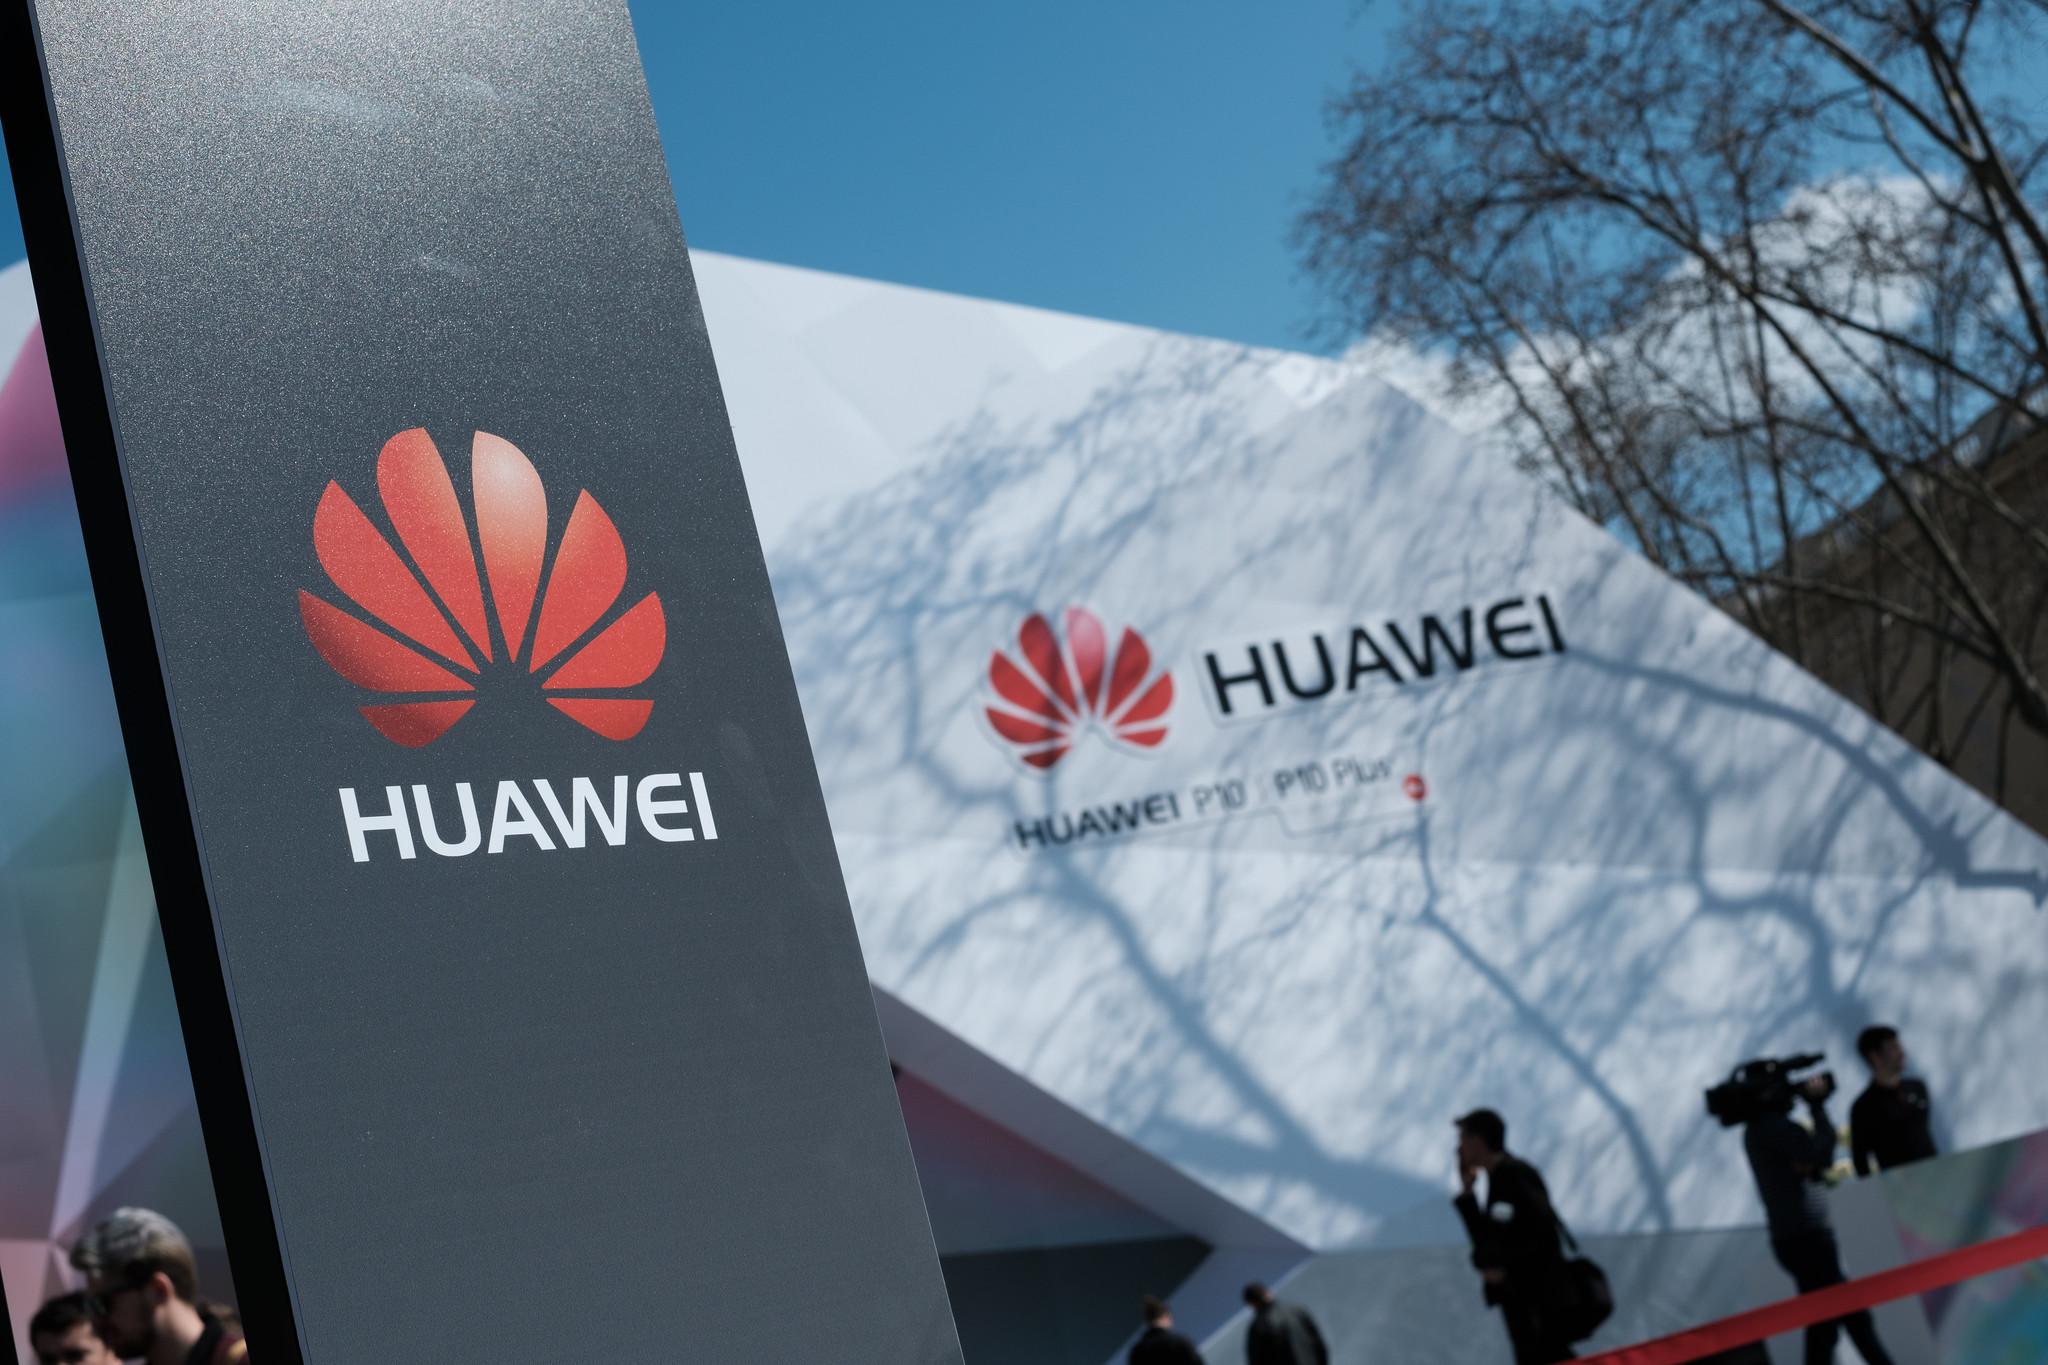 Espionnage : Huawei est prêt à vendre de précieuses technologies 5G pour calmer le jeu